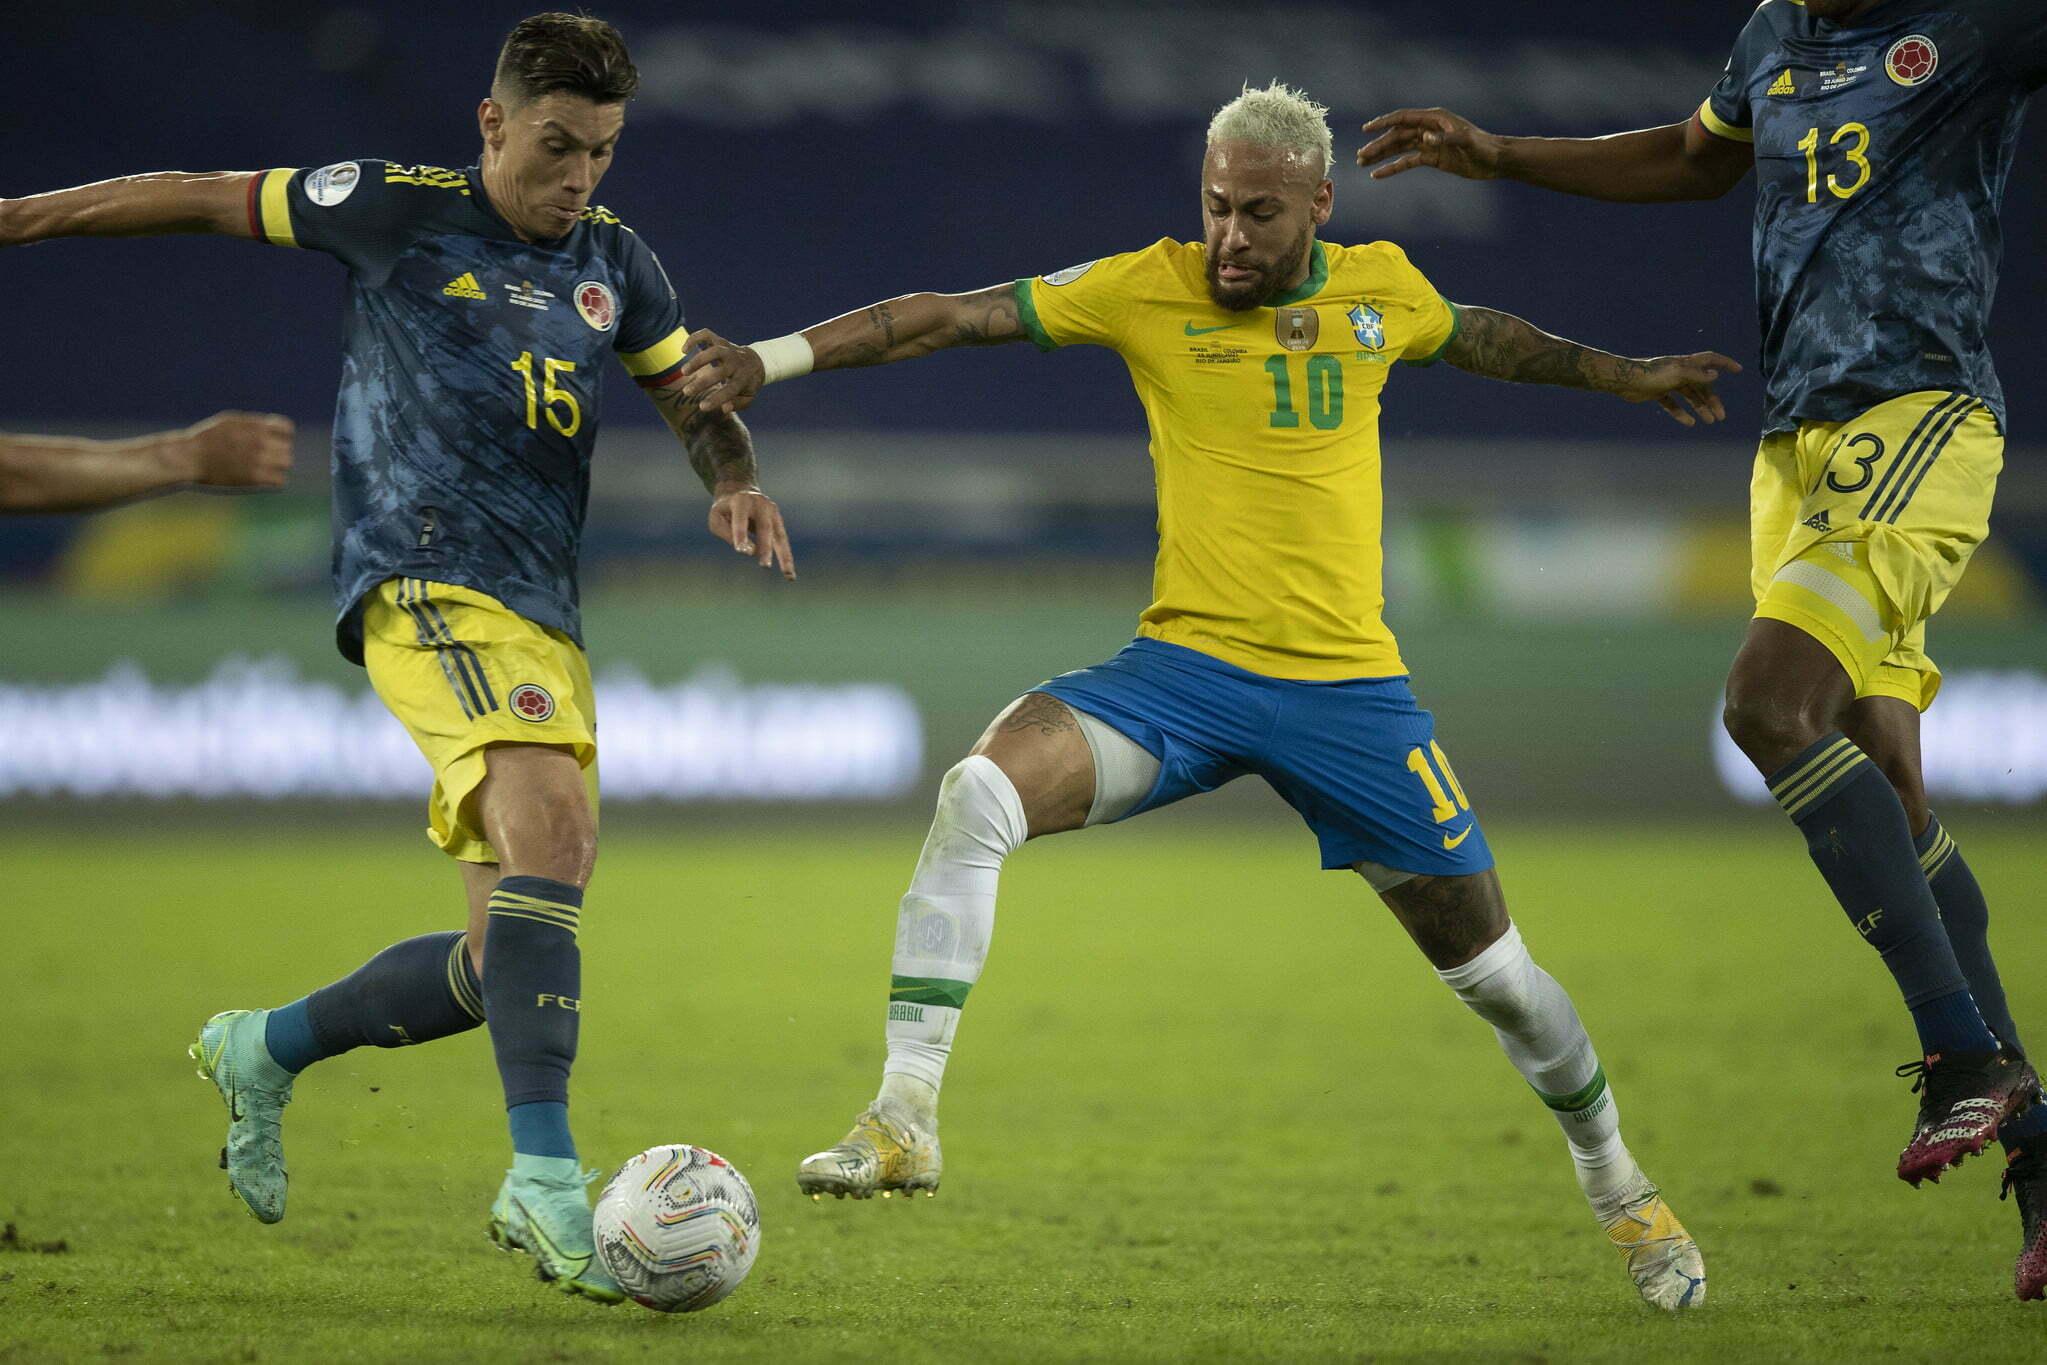 Colômbia vs Brasil